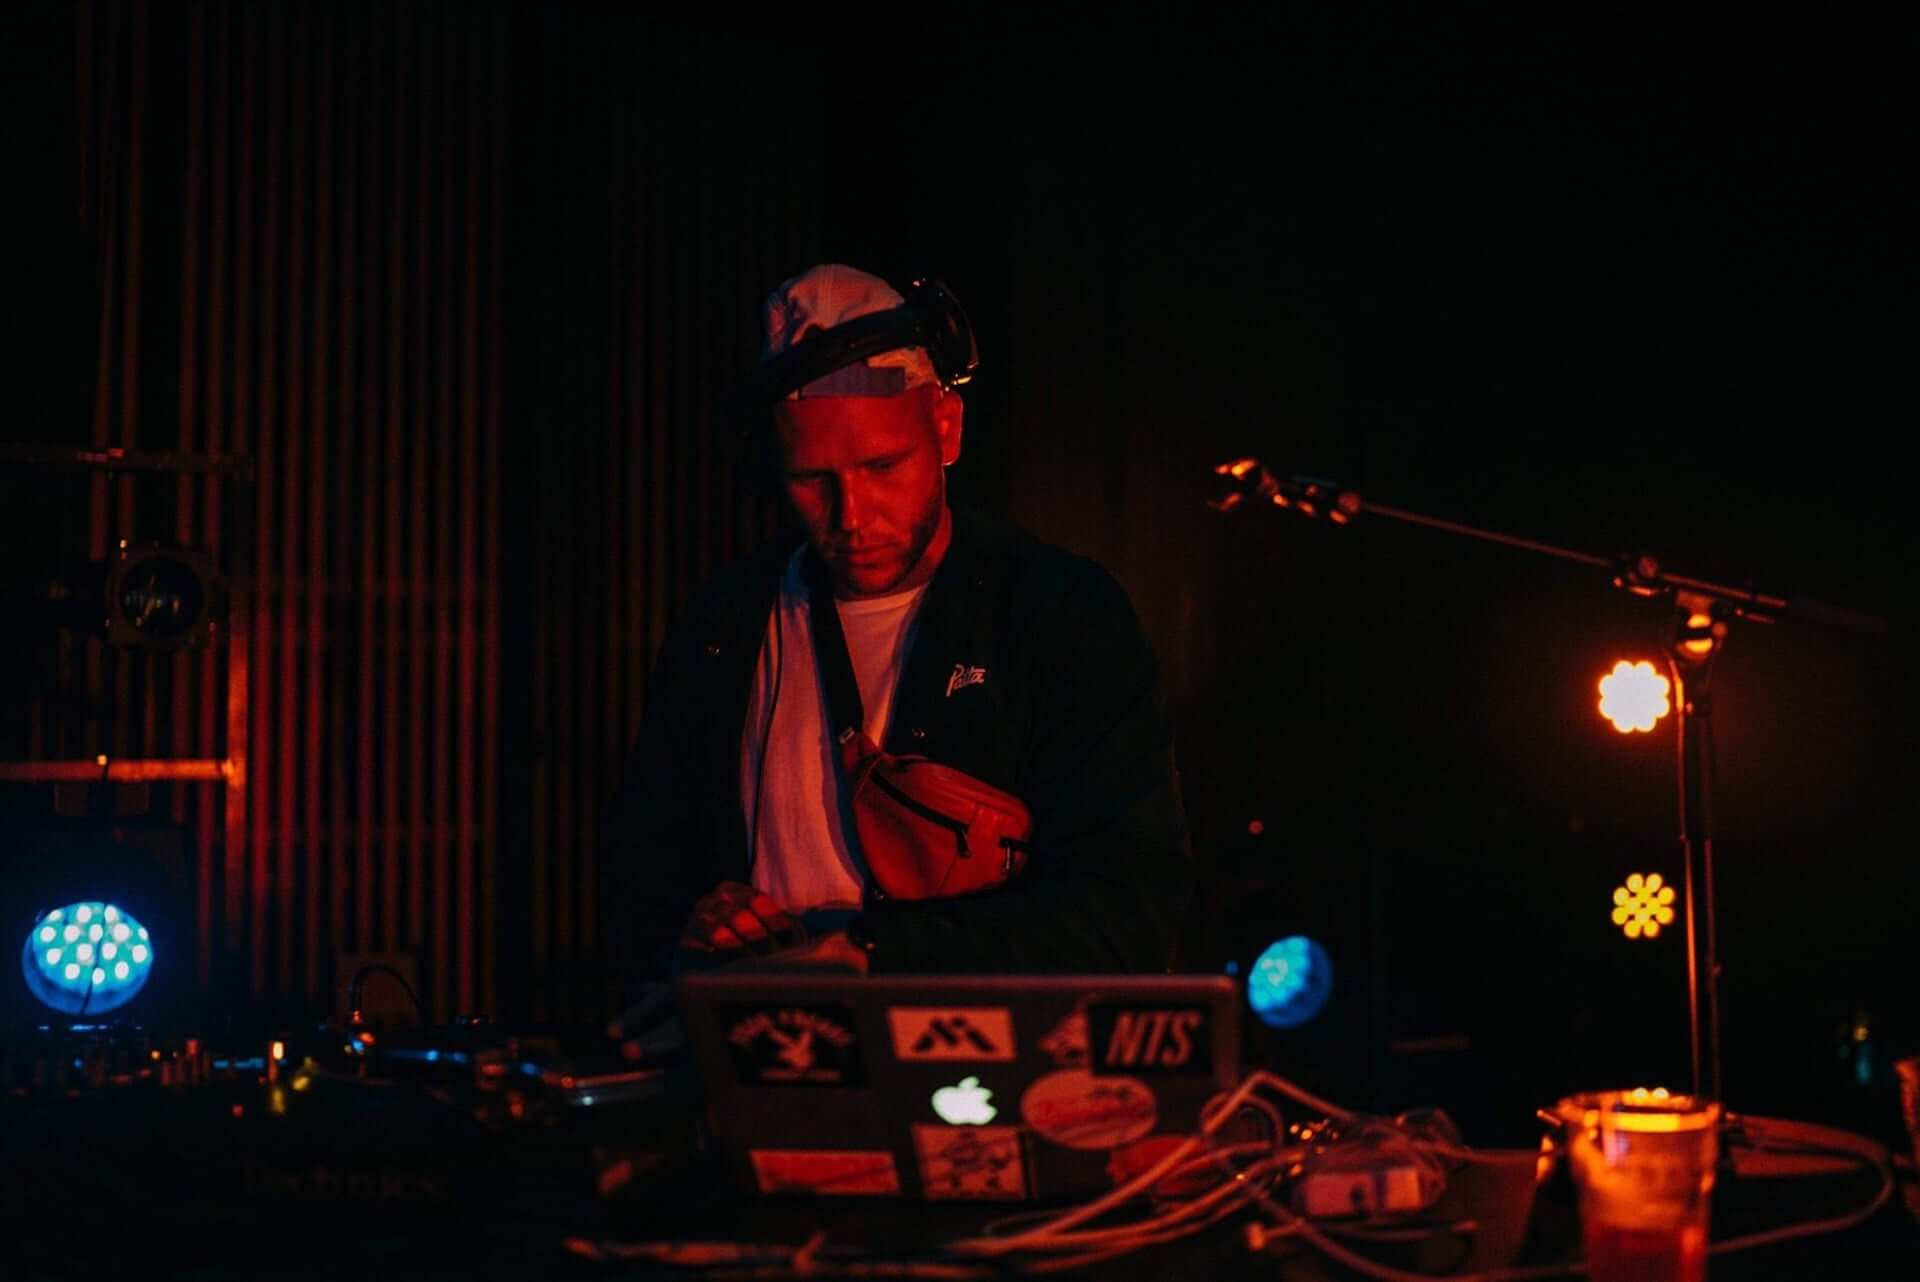 渋谷OTOの人気パーティ <DAYTONA>にFREDFADESが登場|HOUSE、TECHNO、Lo-Fiなど幅広くMIXされたパーティーが開催 music190709daytona-summerslam_3-1920x1282